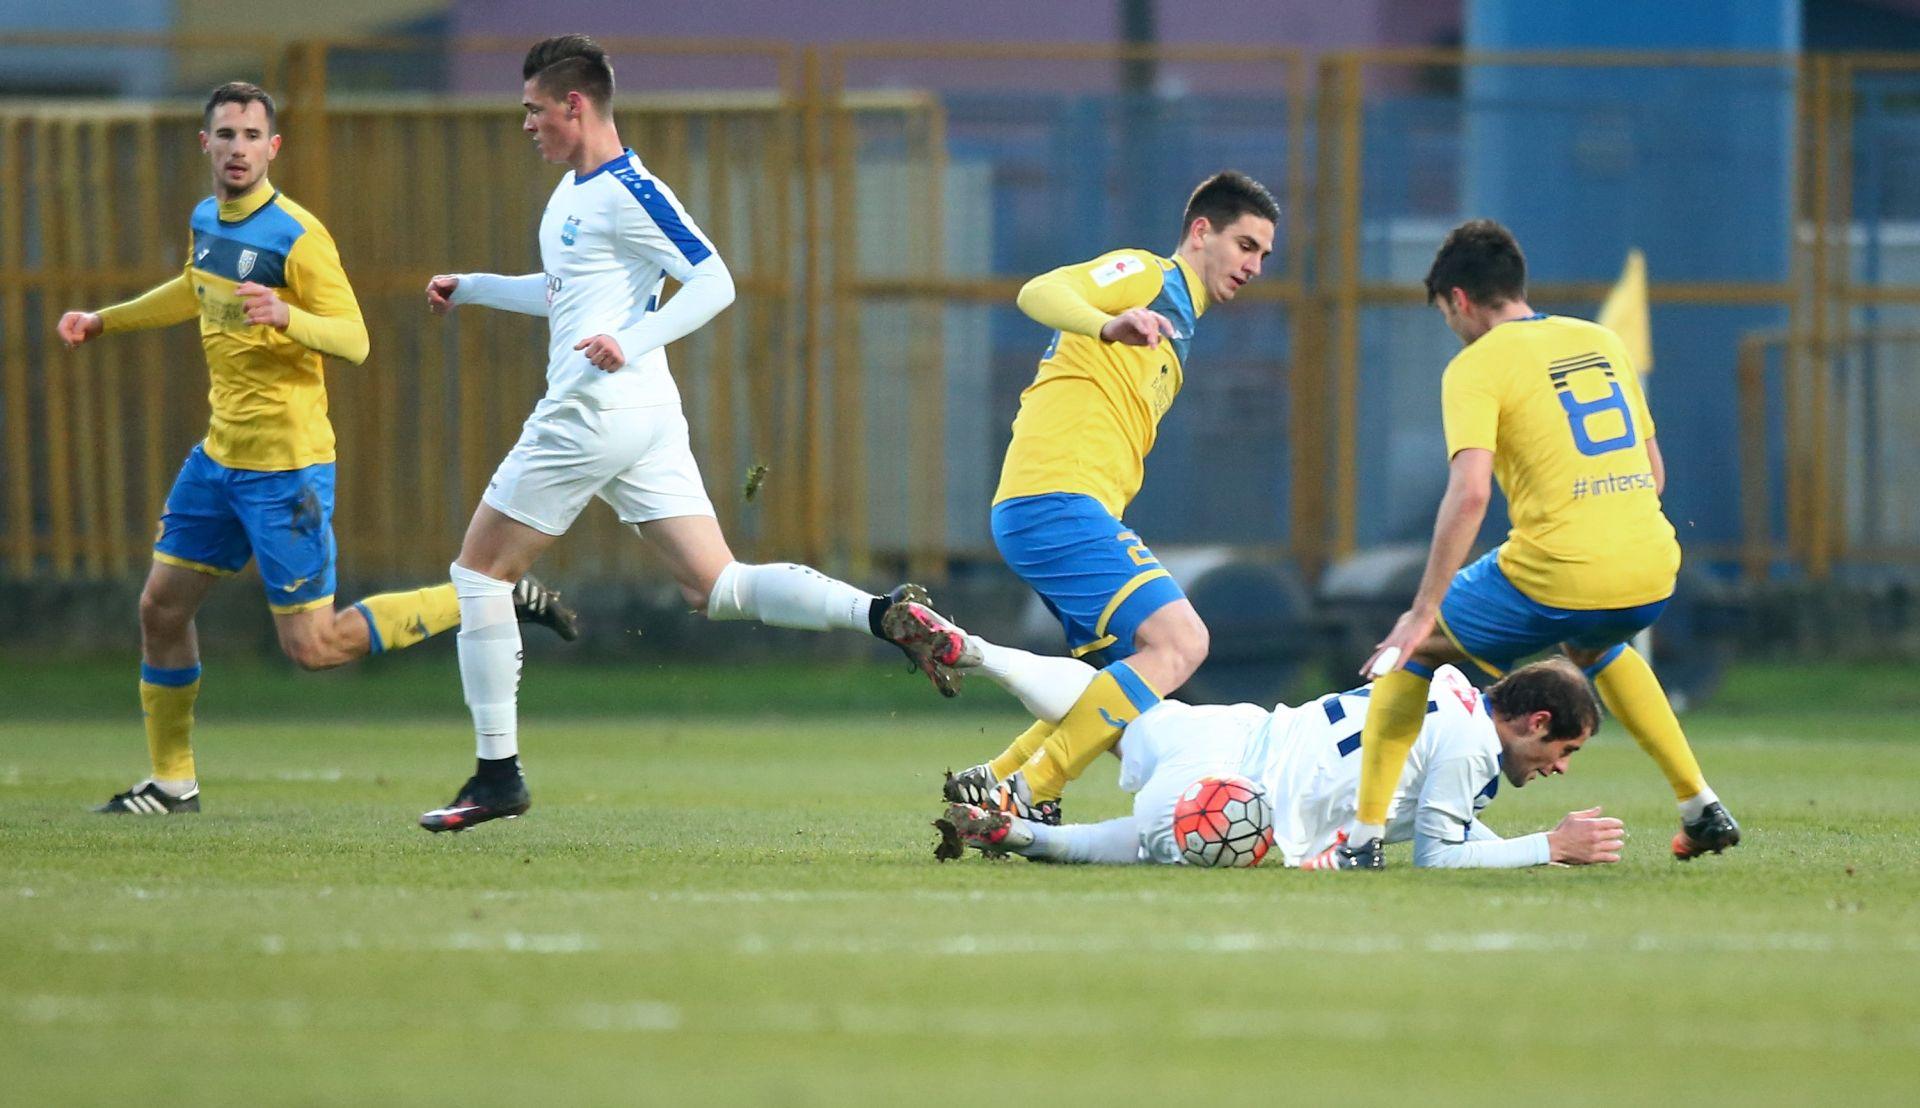 HNL Inter i Osijek u Zaprešiću odigrali bez golova